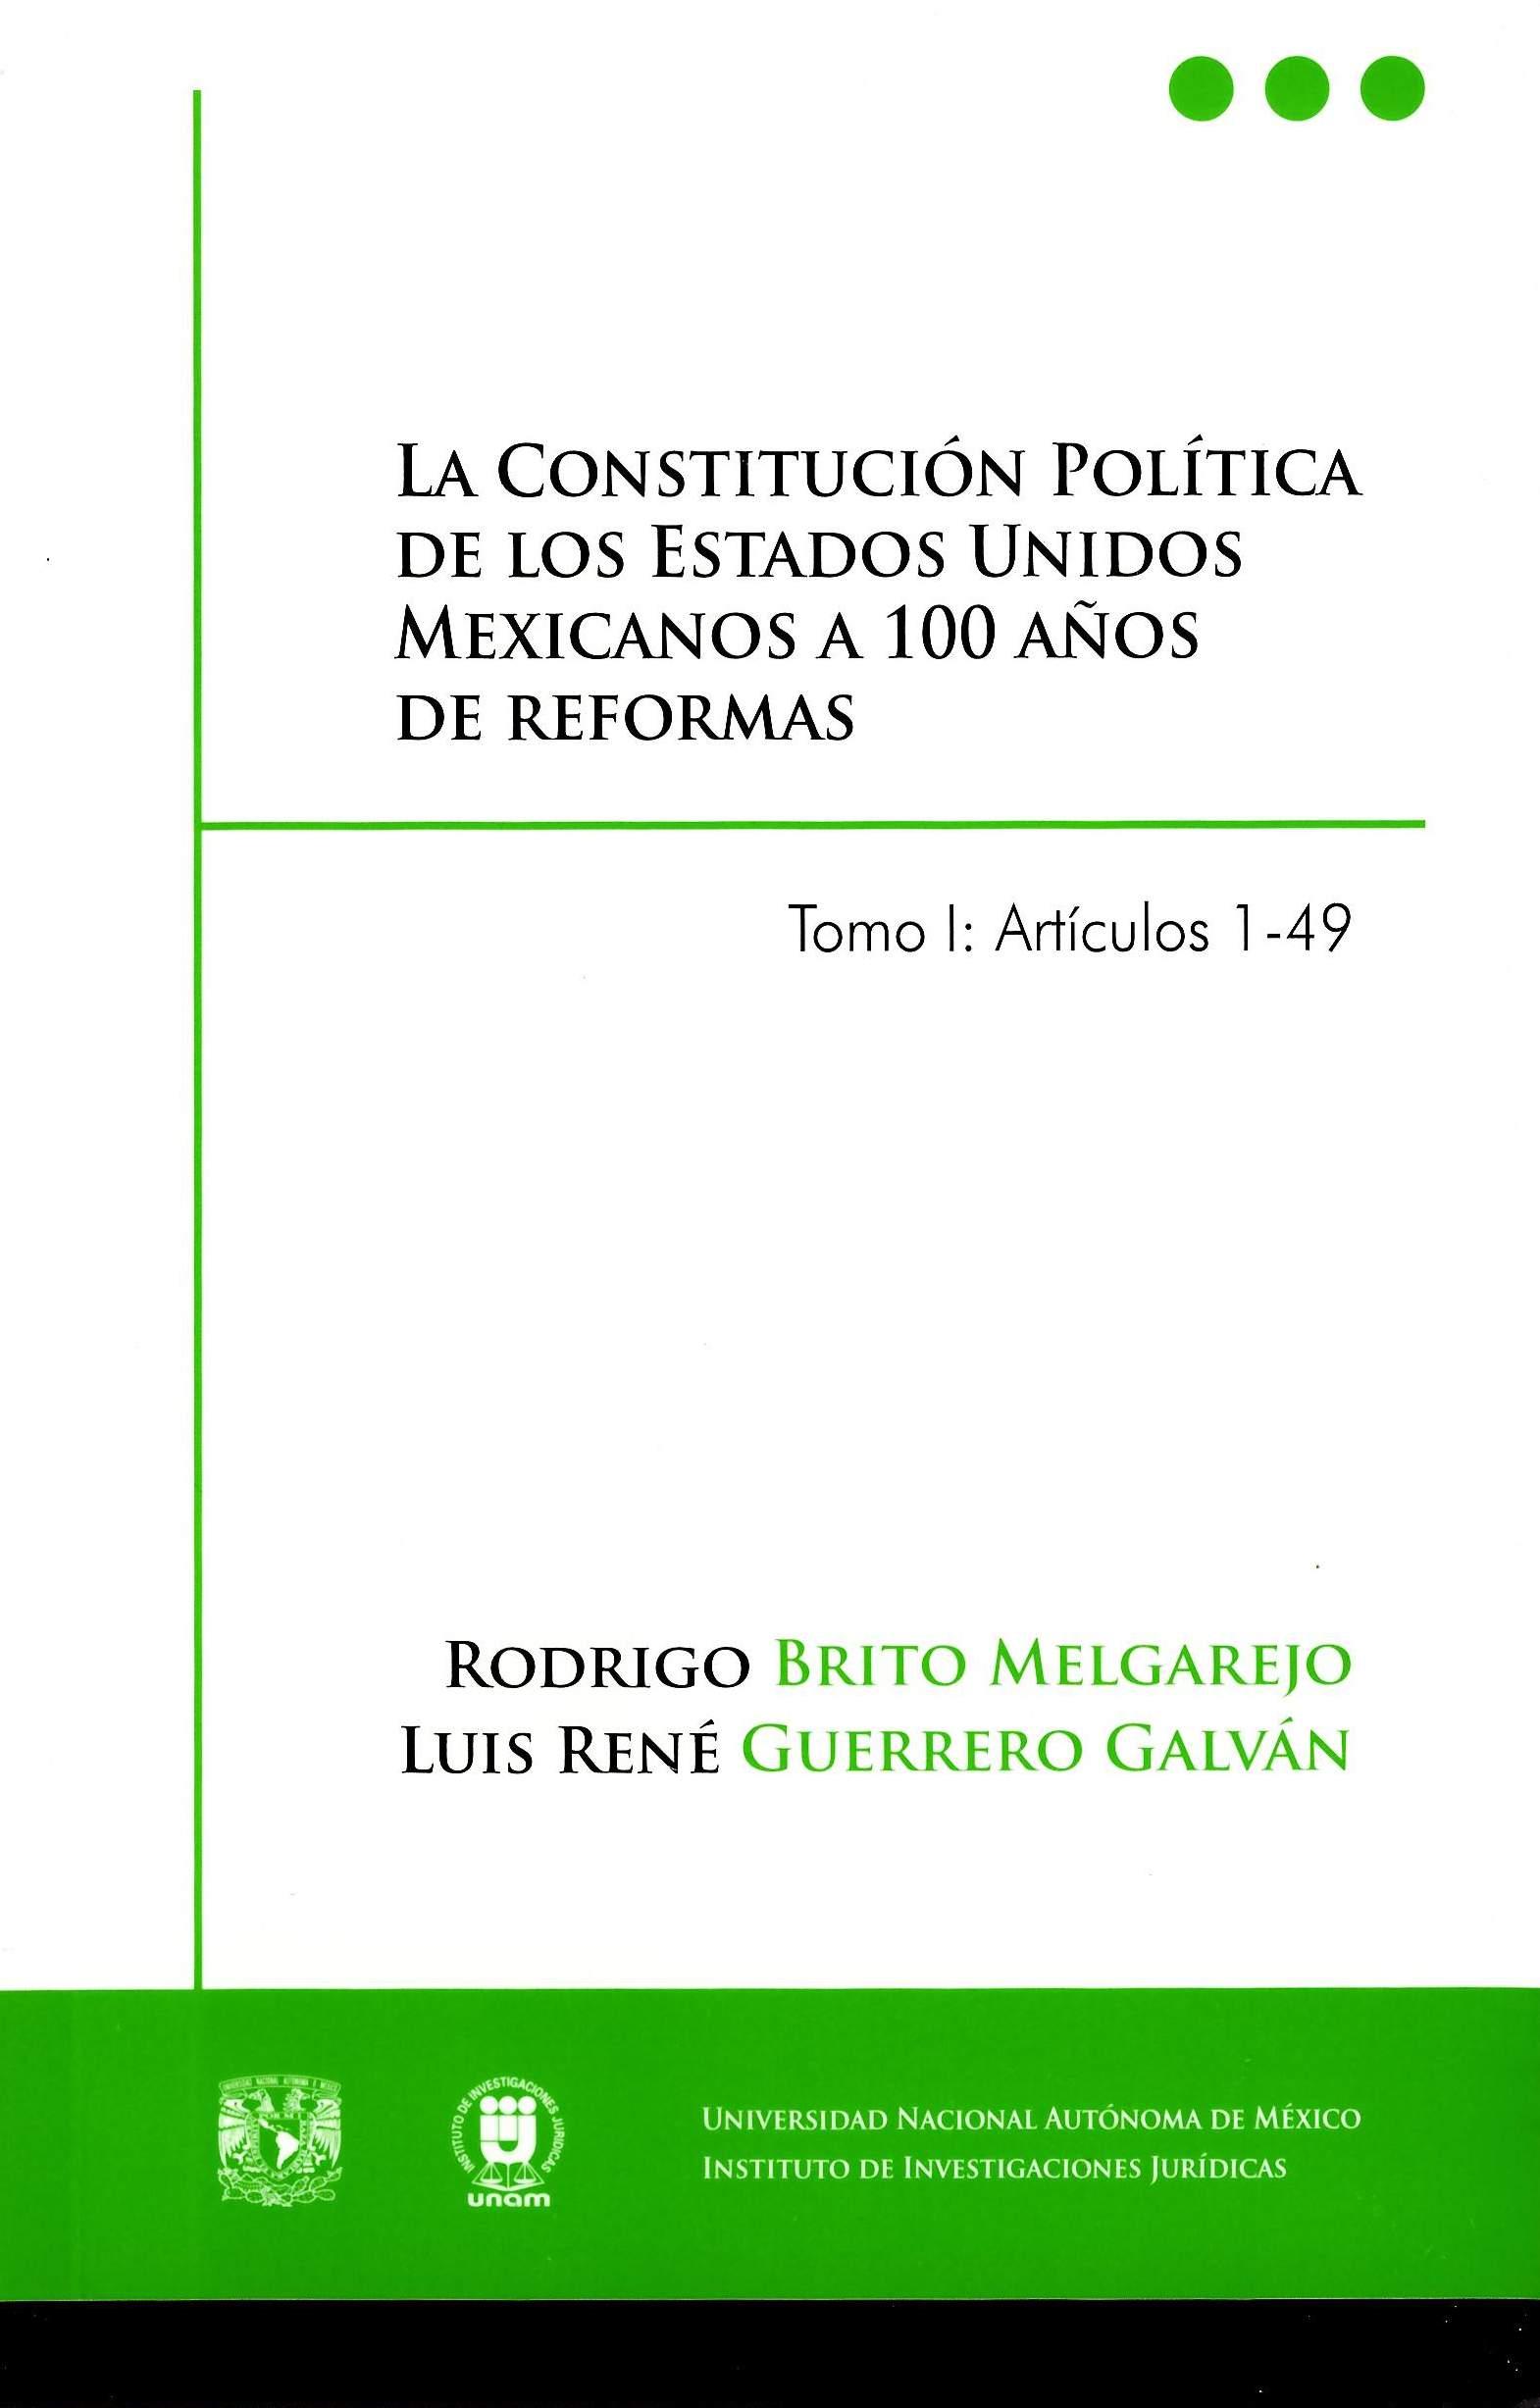 La Constitución Política de los Estados Unidos Mexicanos a 100 años de reformas. Tomo I: Artículos 1-49